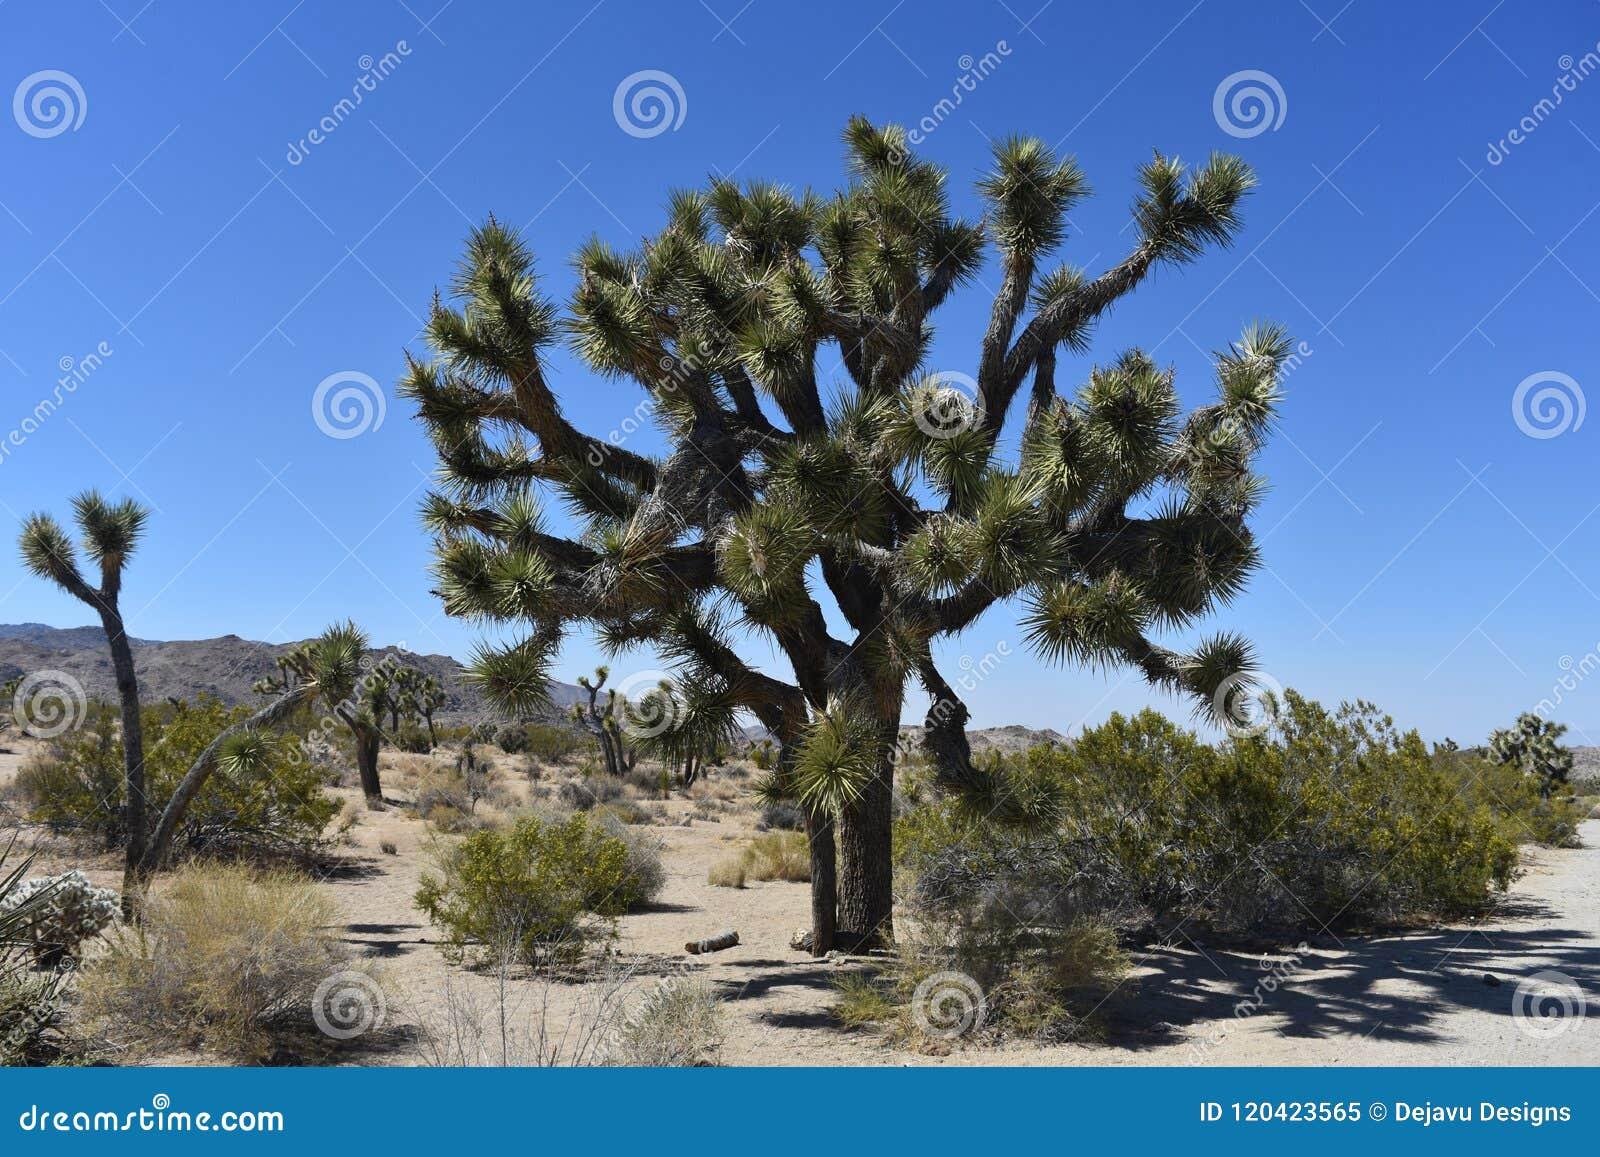 有约书亚树生长的加利福尼亚莫哈维沙漠